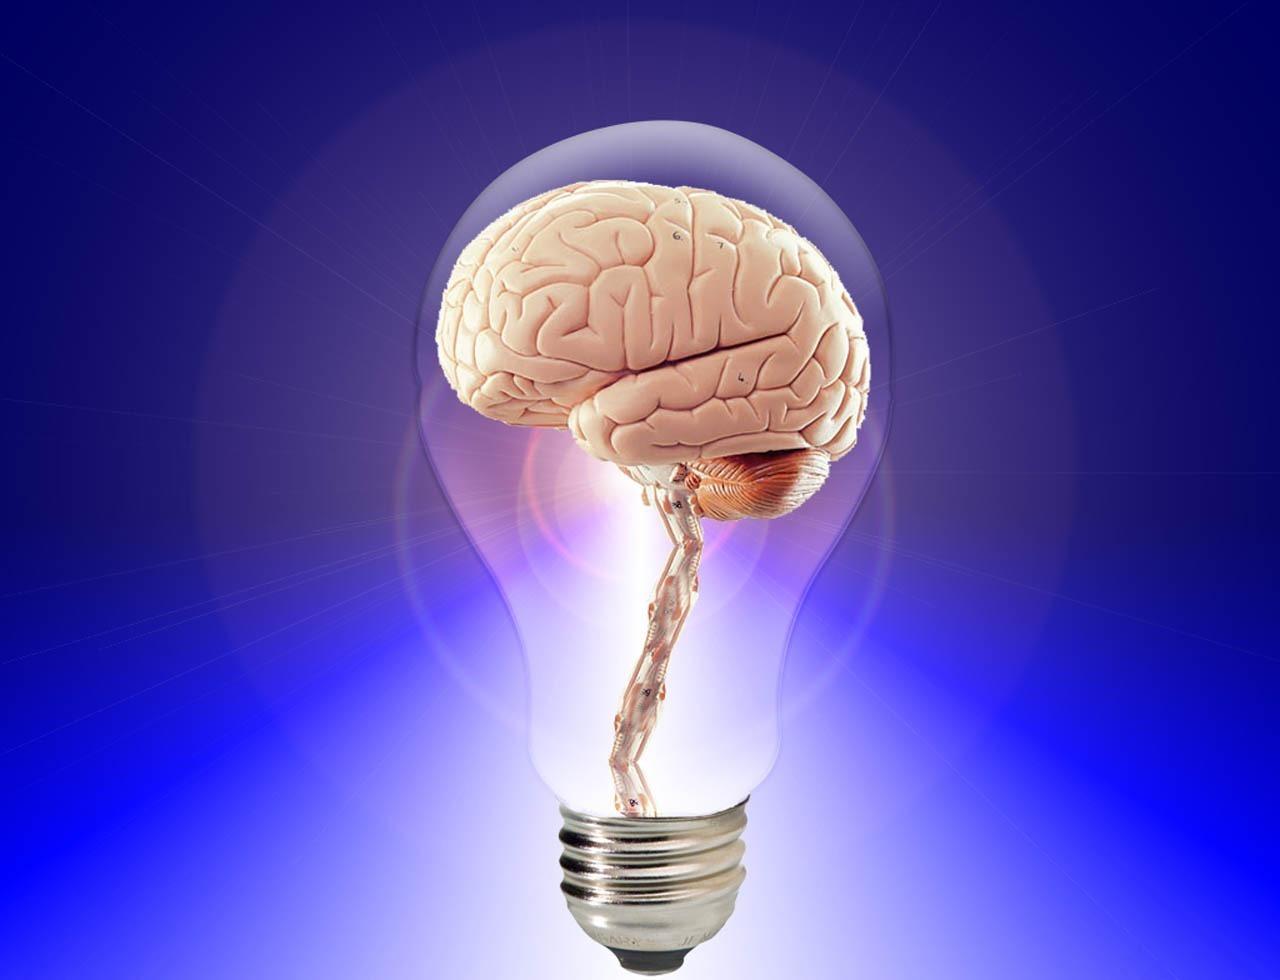 brain in a light bulb